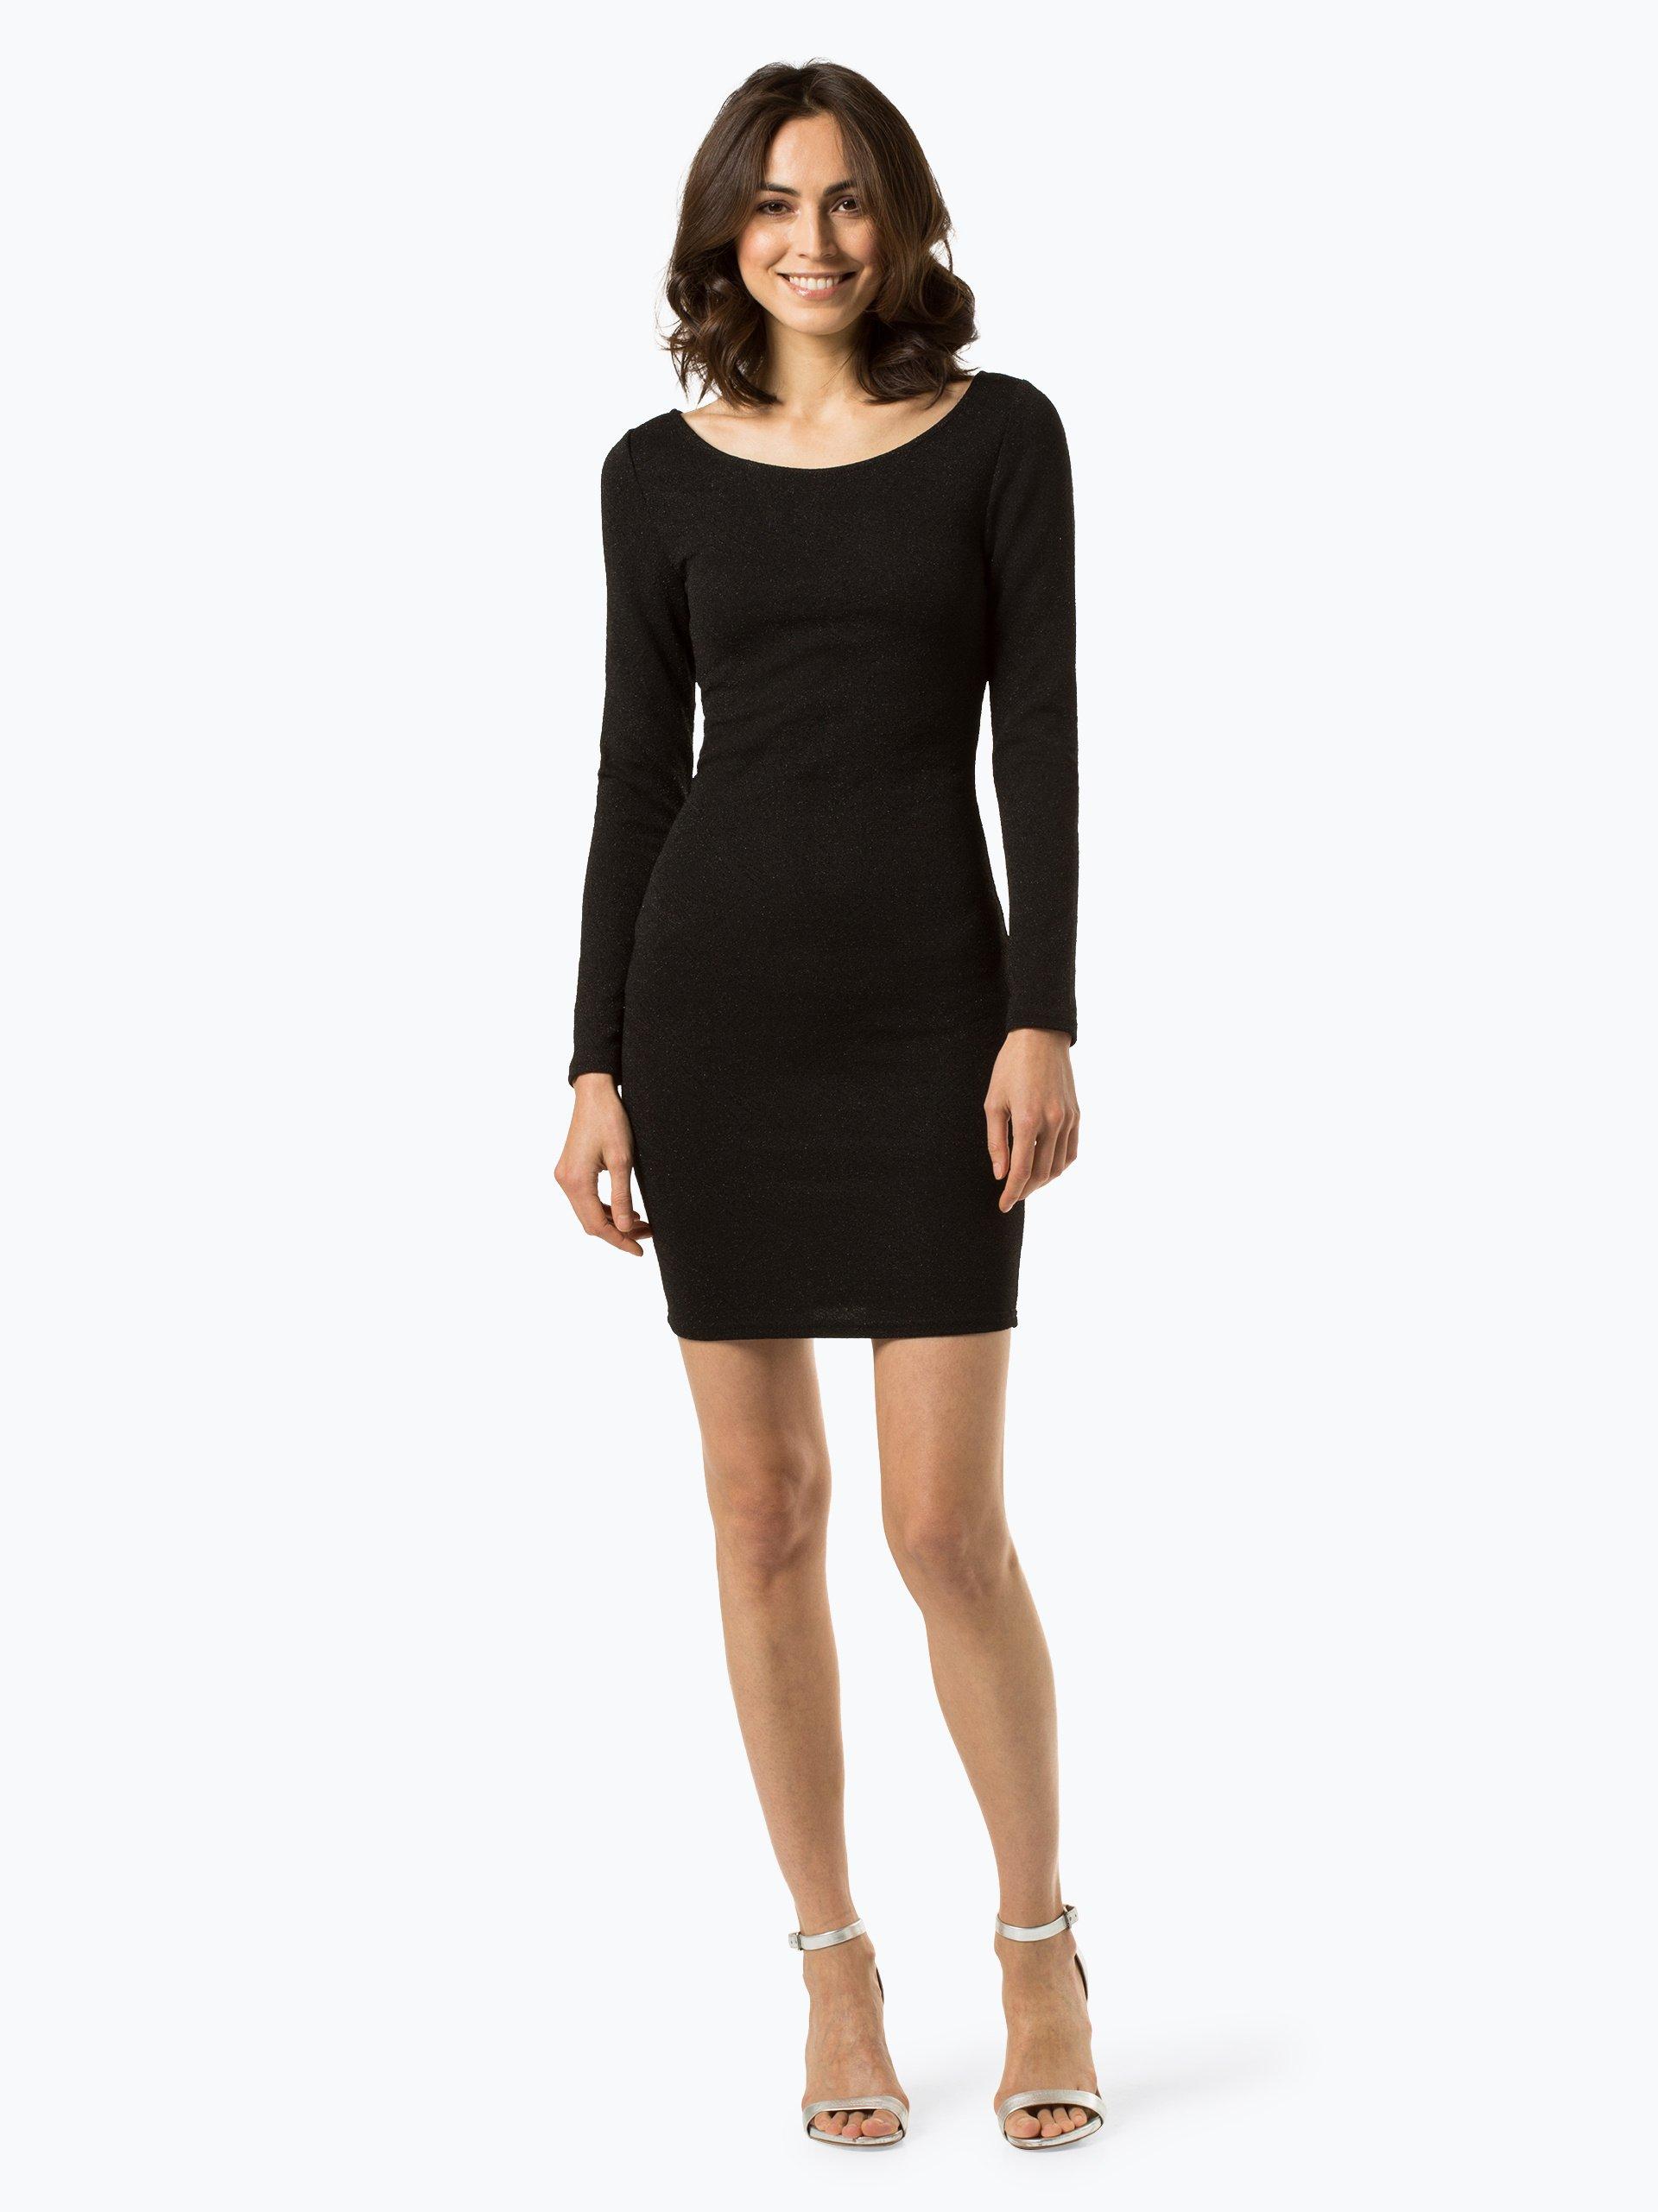 ONLY Damen Kleid - Onlshine